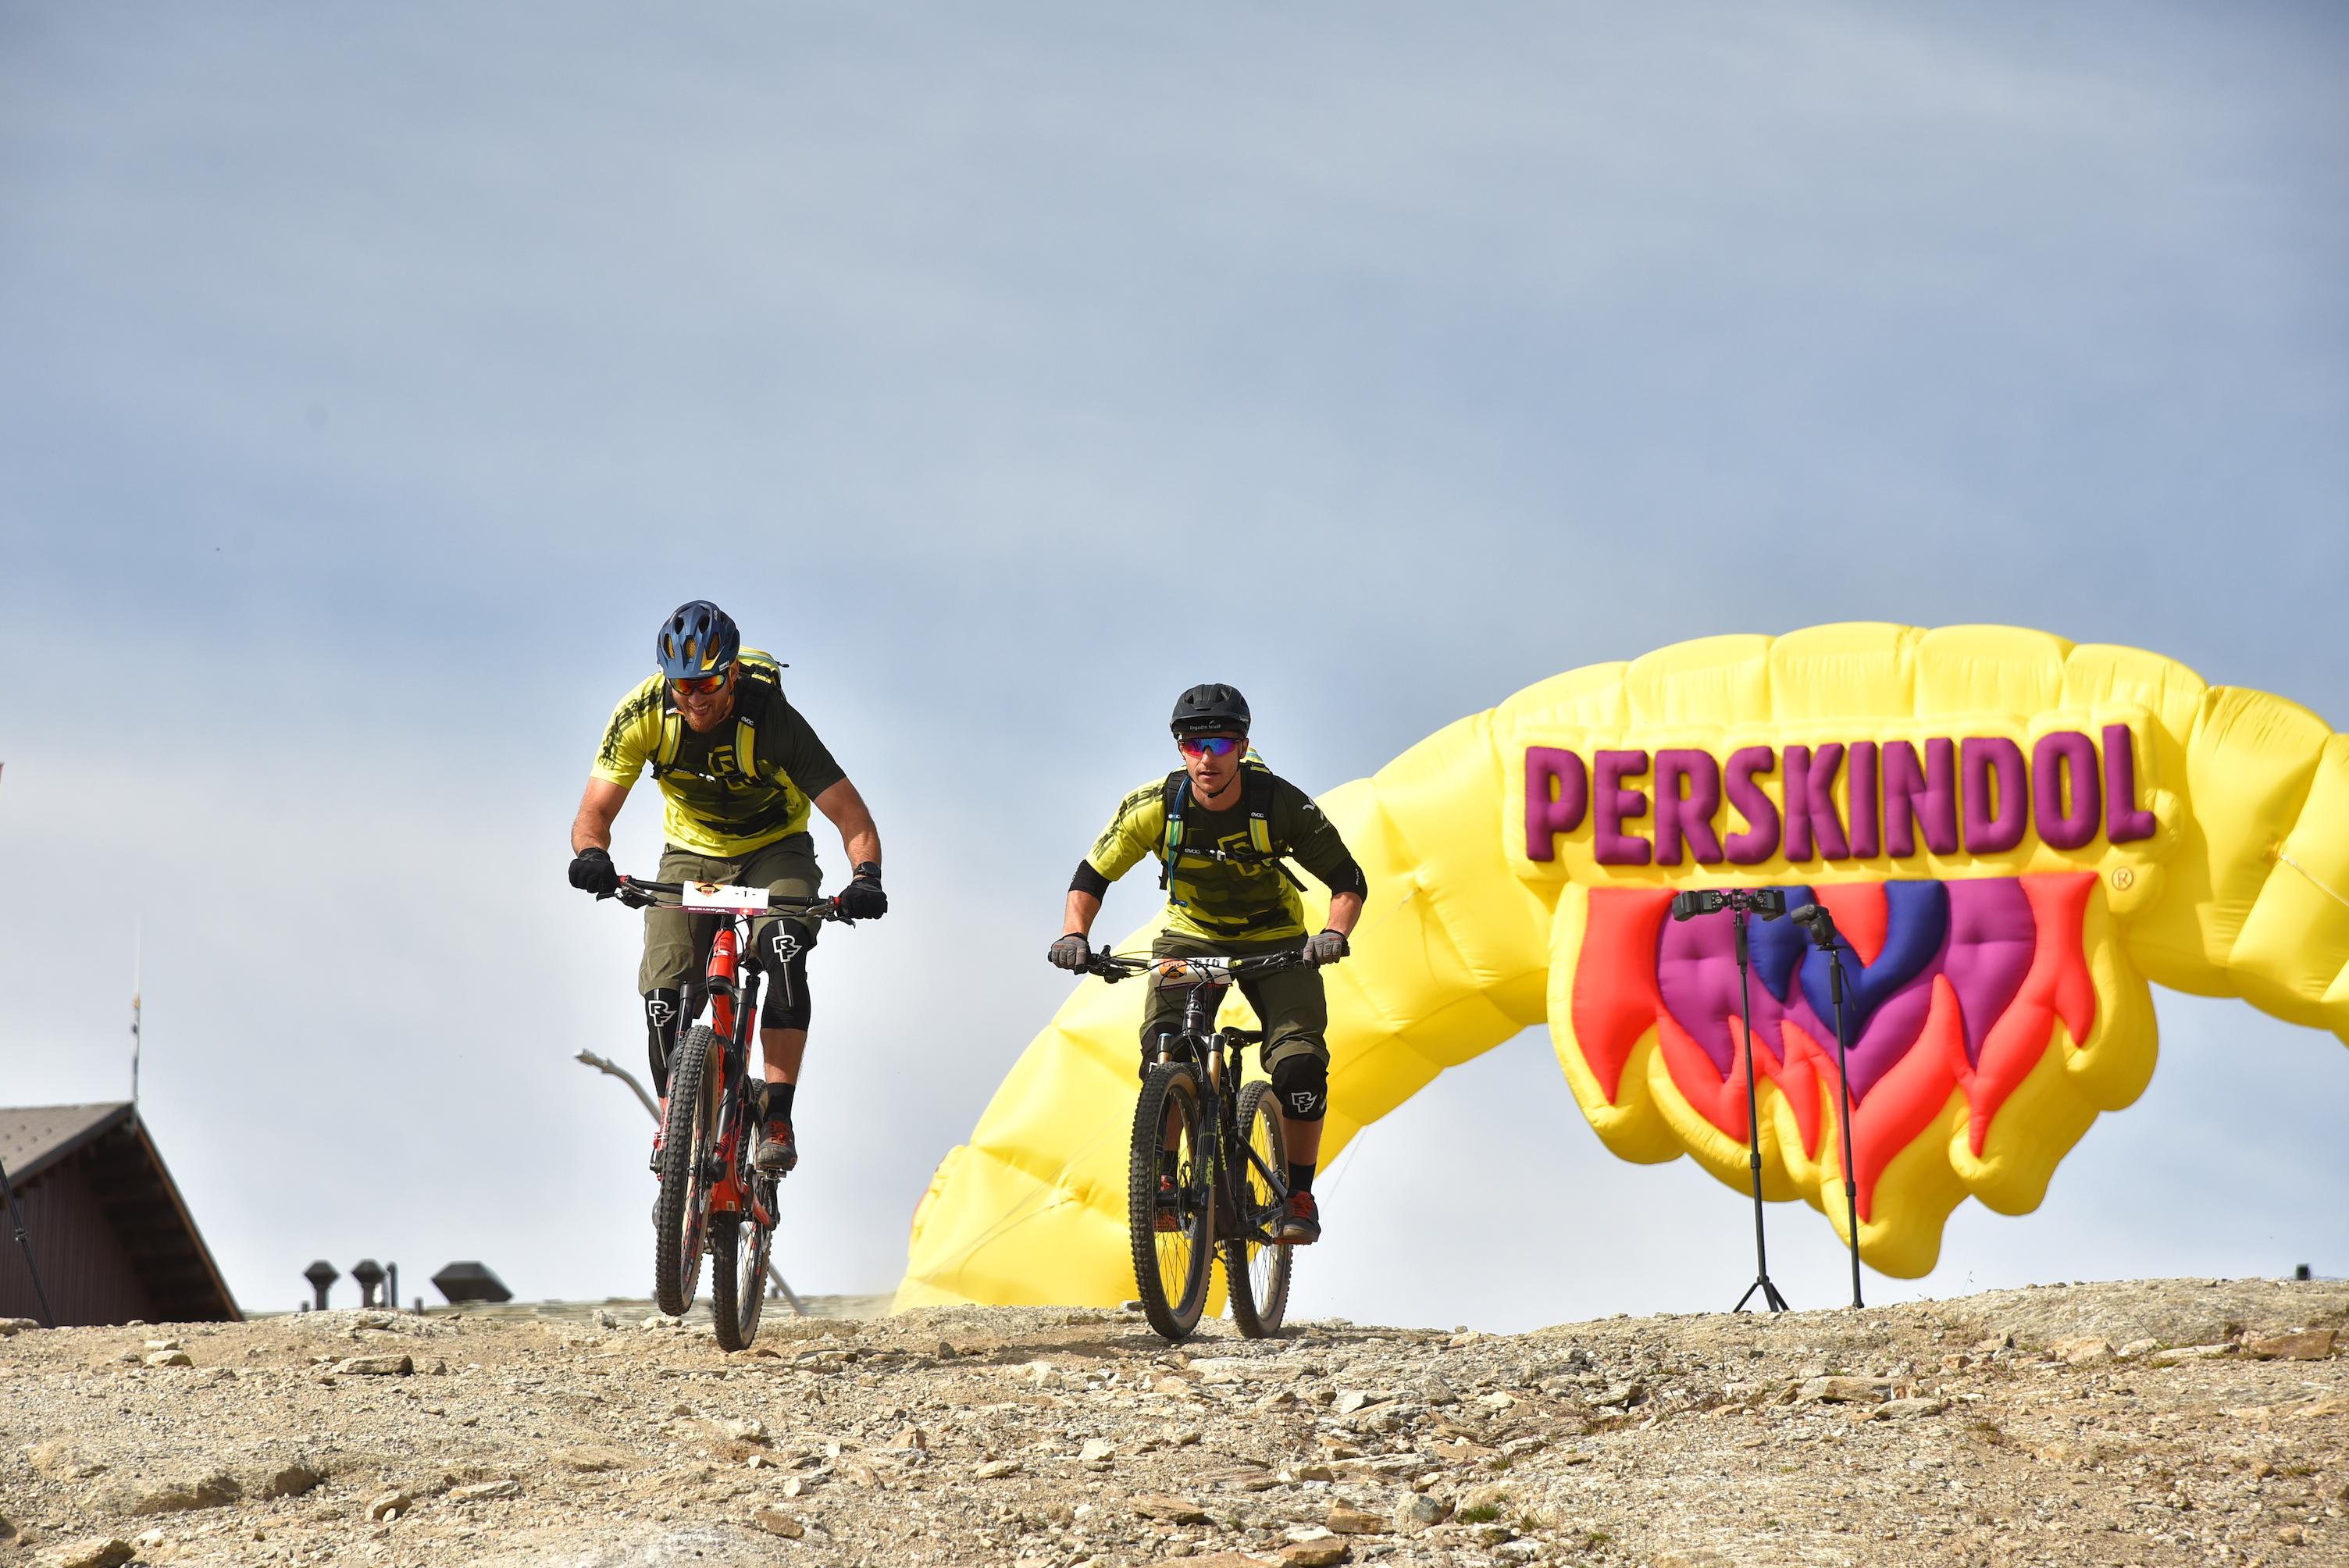 Episches Bike-Rennen prägt den Sommer